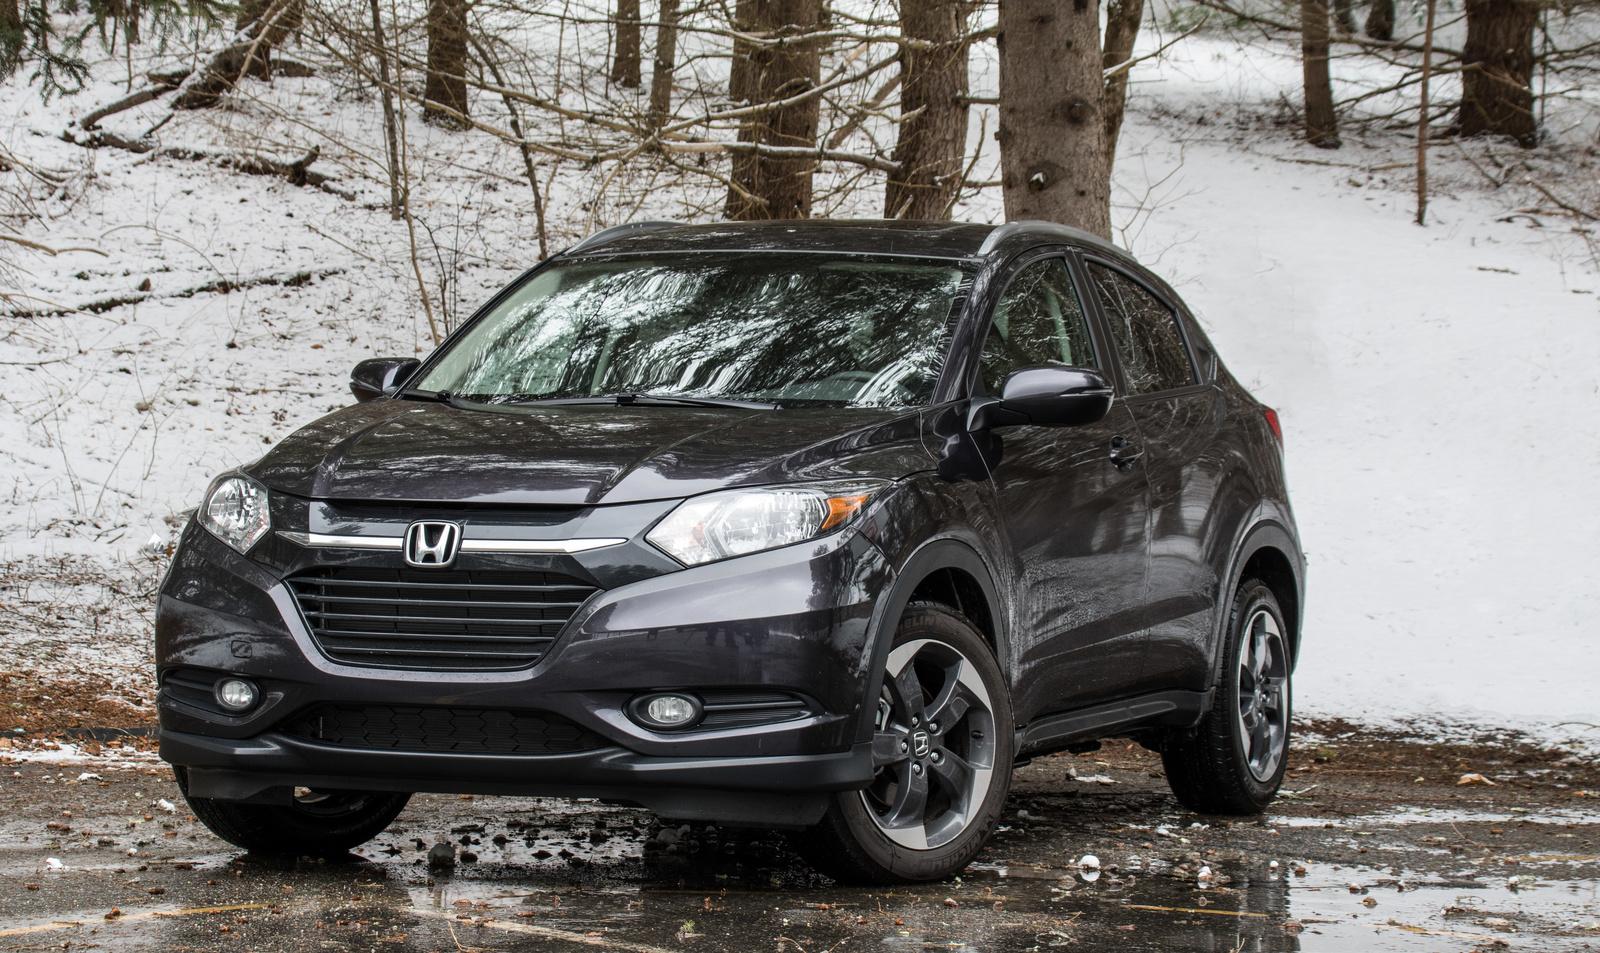 2018 Honda HR-V - Overview - CarGurus